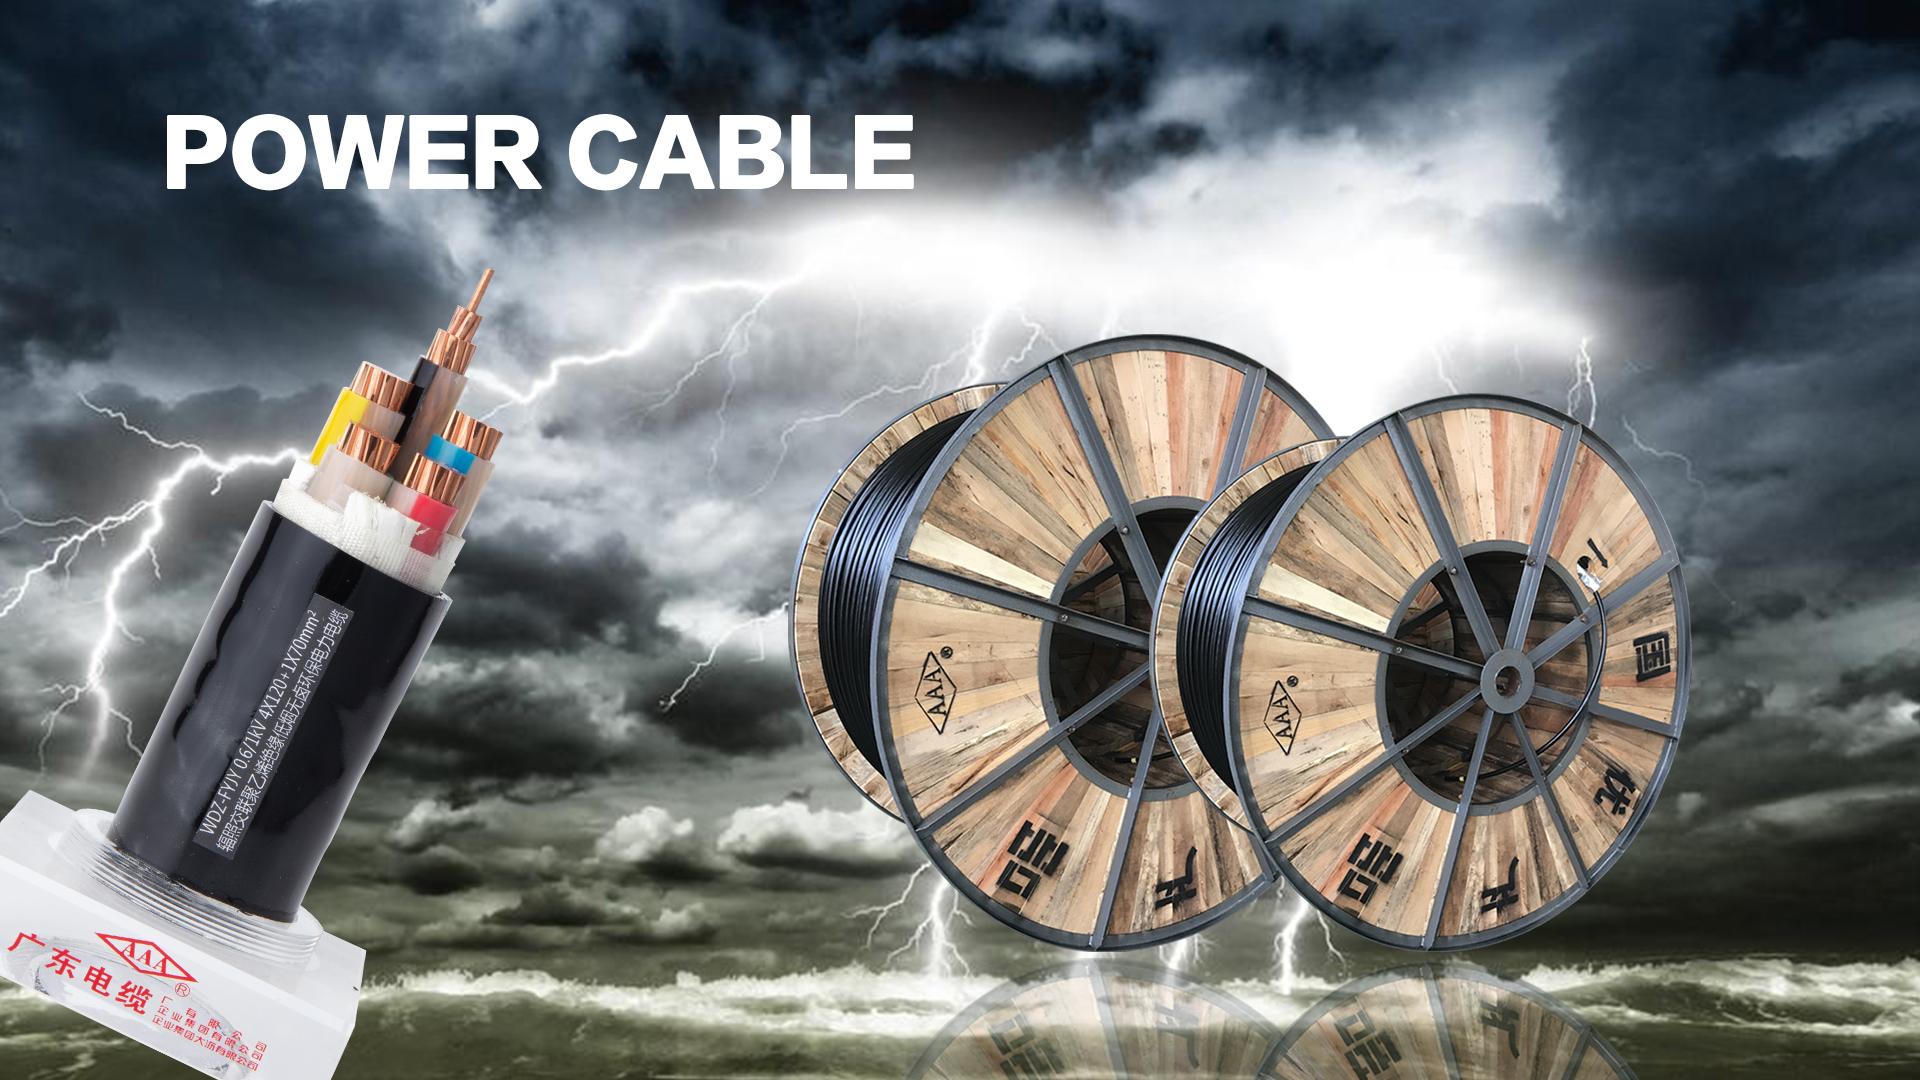 솔리드 단일 코어 컨덕터 단계 35mm 185mm2 630 mm2 pvc 절연 구리 전원 케이블